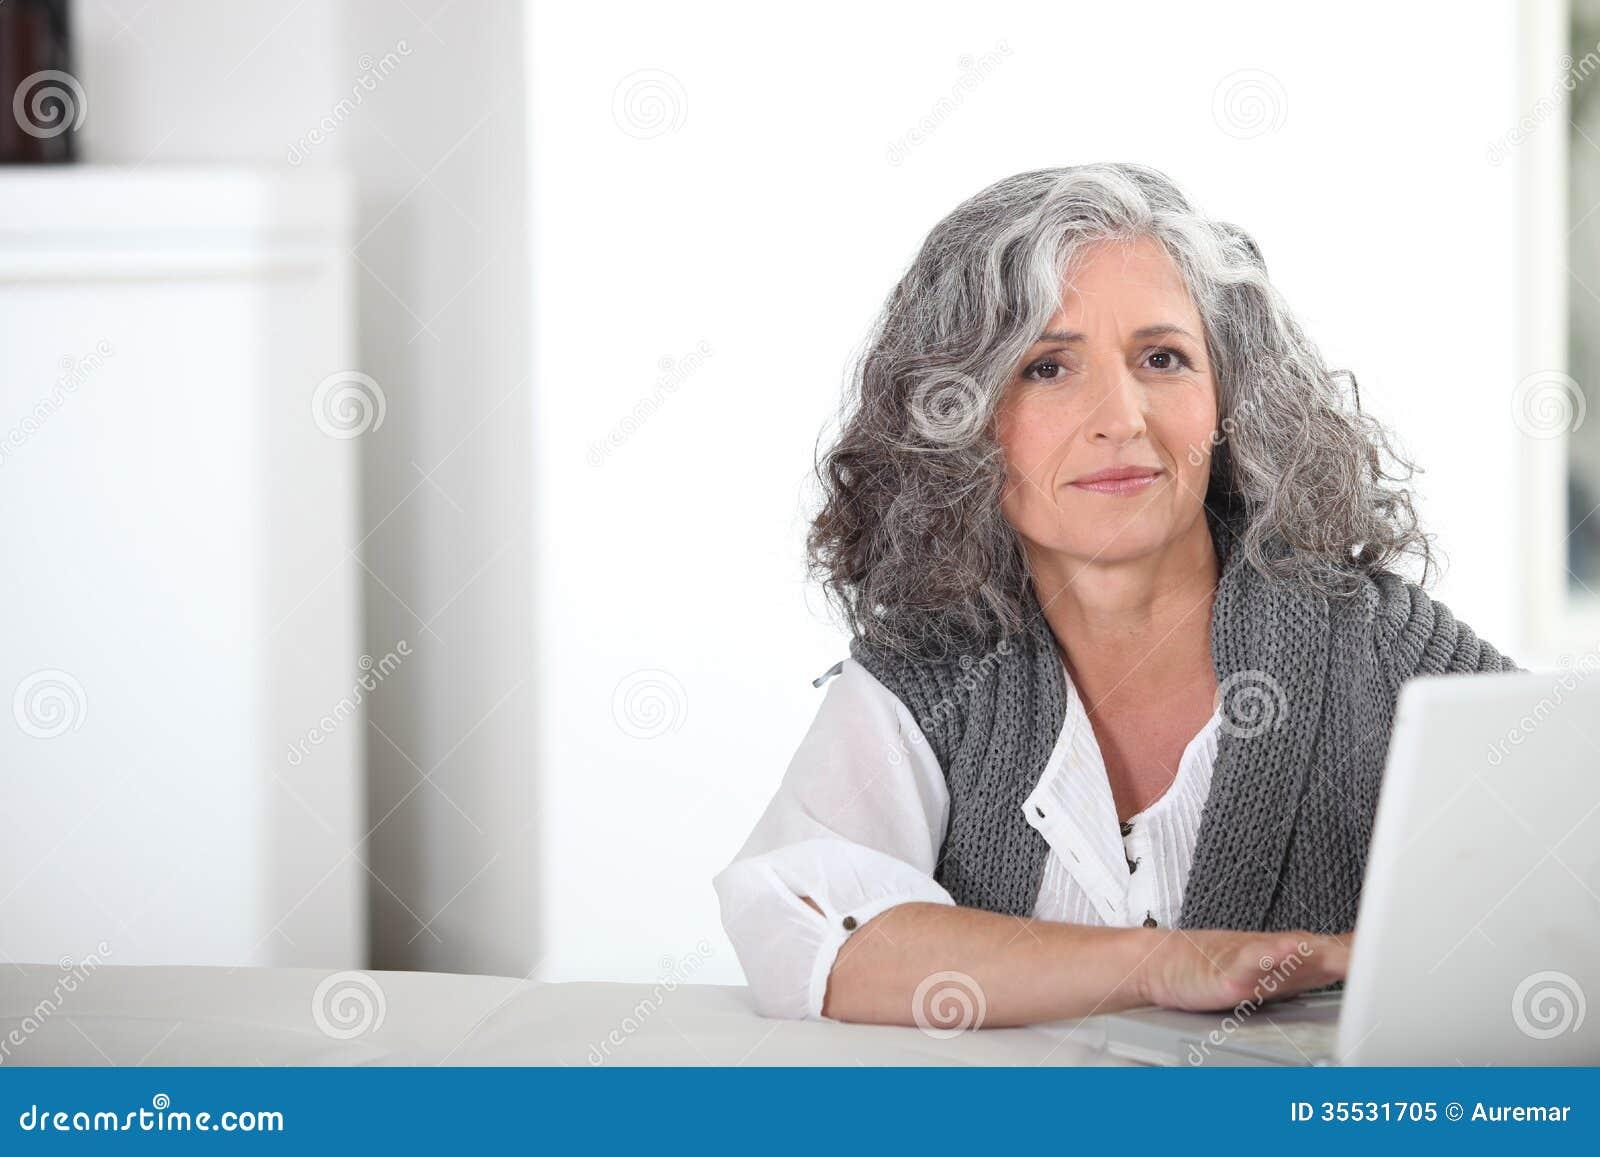 Vrouw Met Grijs Haar Royalty-vrije Stock Foto - Afbeelding: 35531705